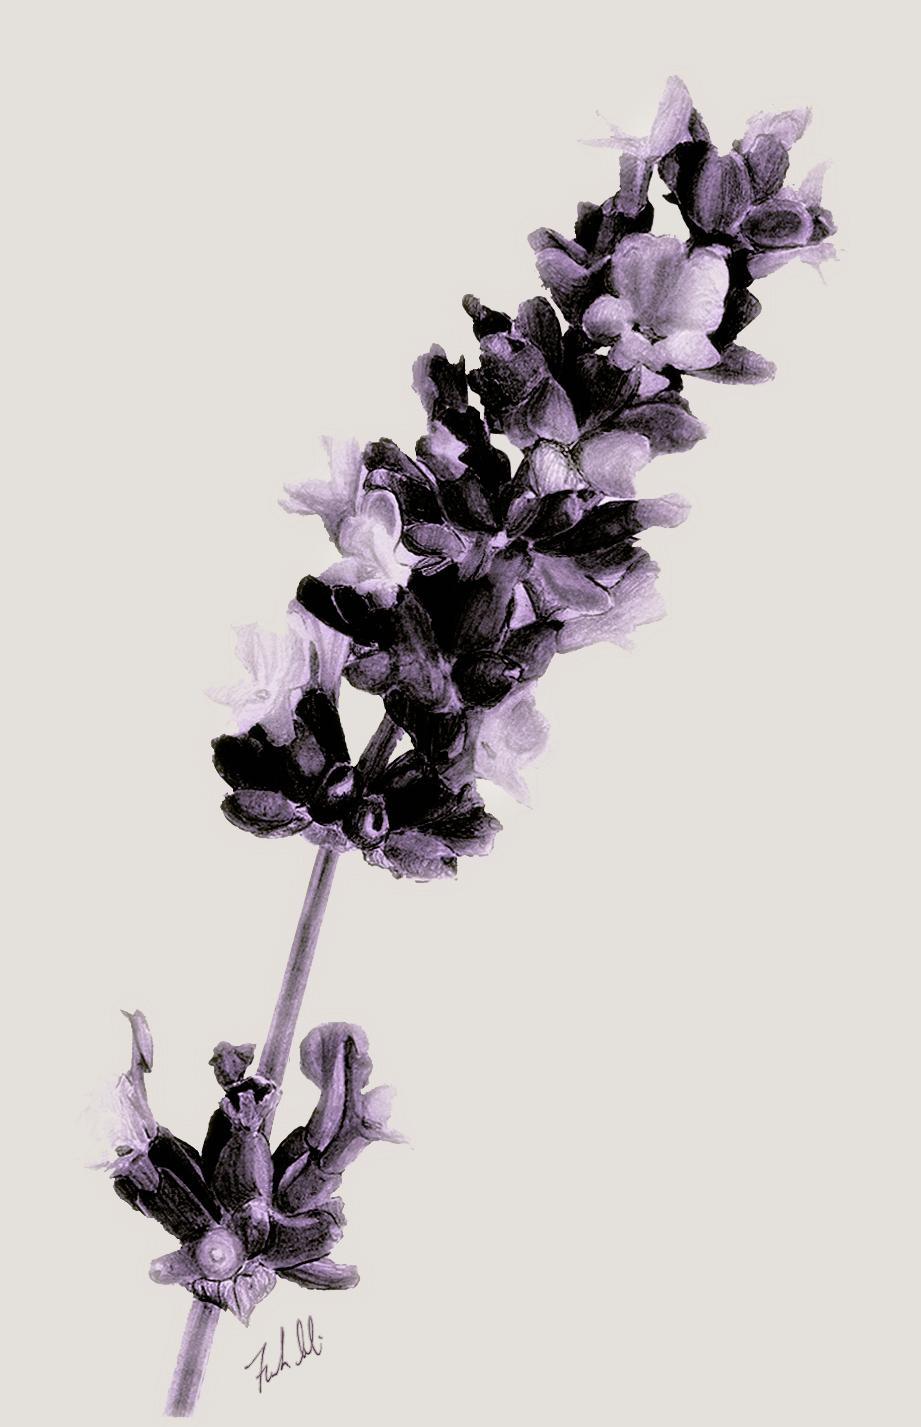 Lavanduleae lavandula (Lavender) - Freelance work